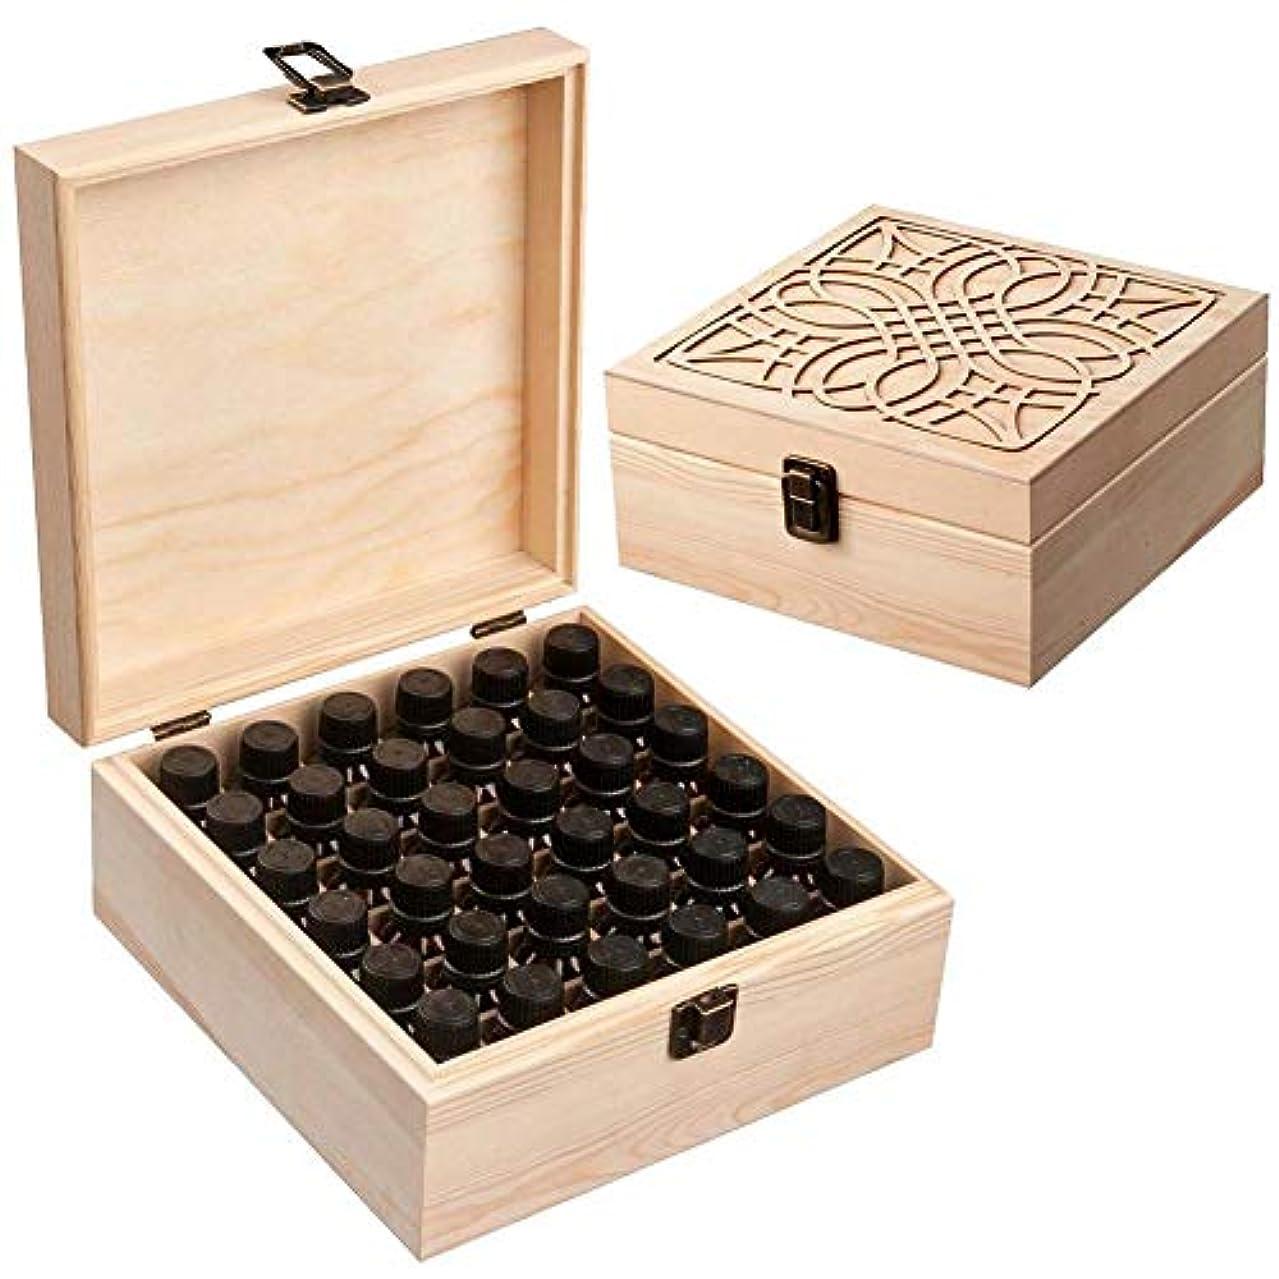 モンキーやさしいケーキNewfashion エッセンシャルオイル収納ボックス 精油収納 アロマケース 木製 大容量 携帯便利 オイルボックス 飾り物 36本用